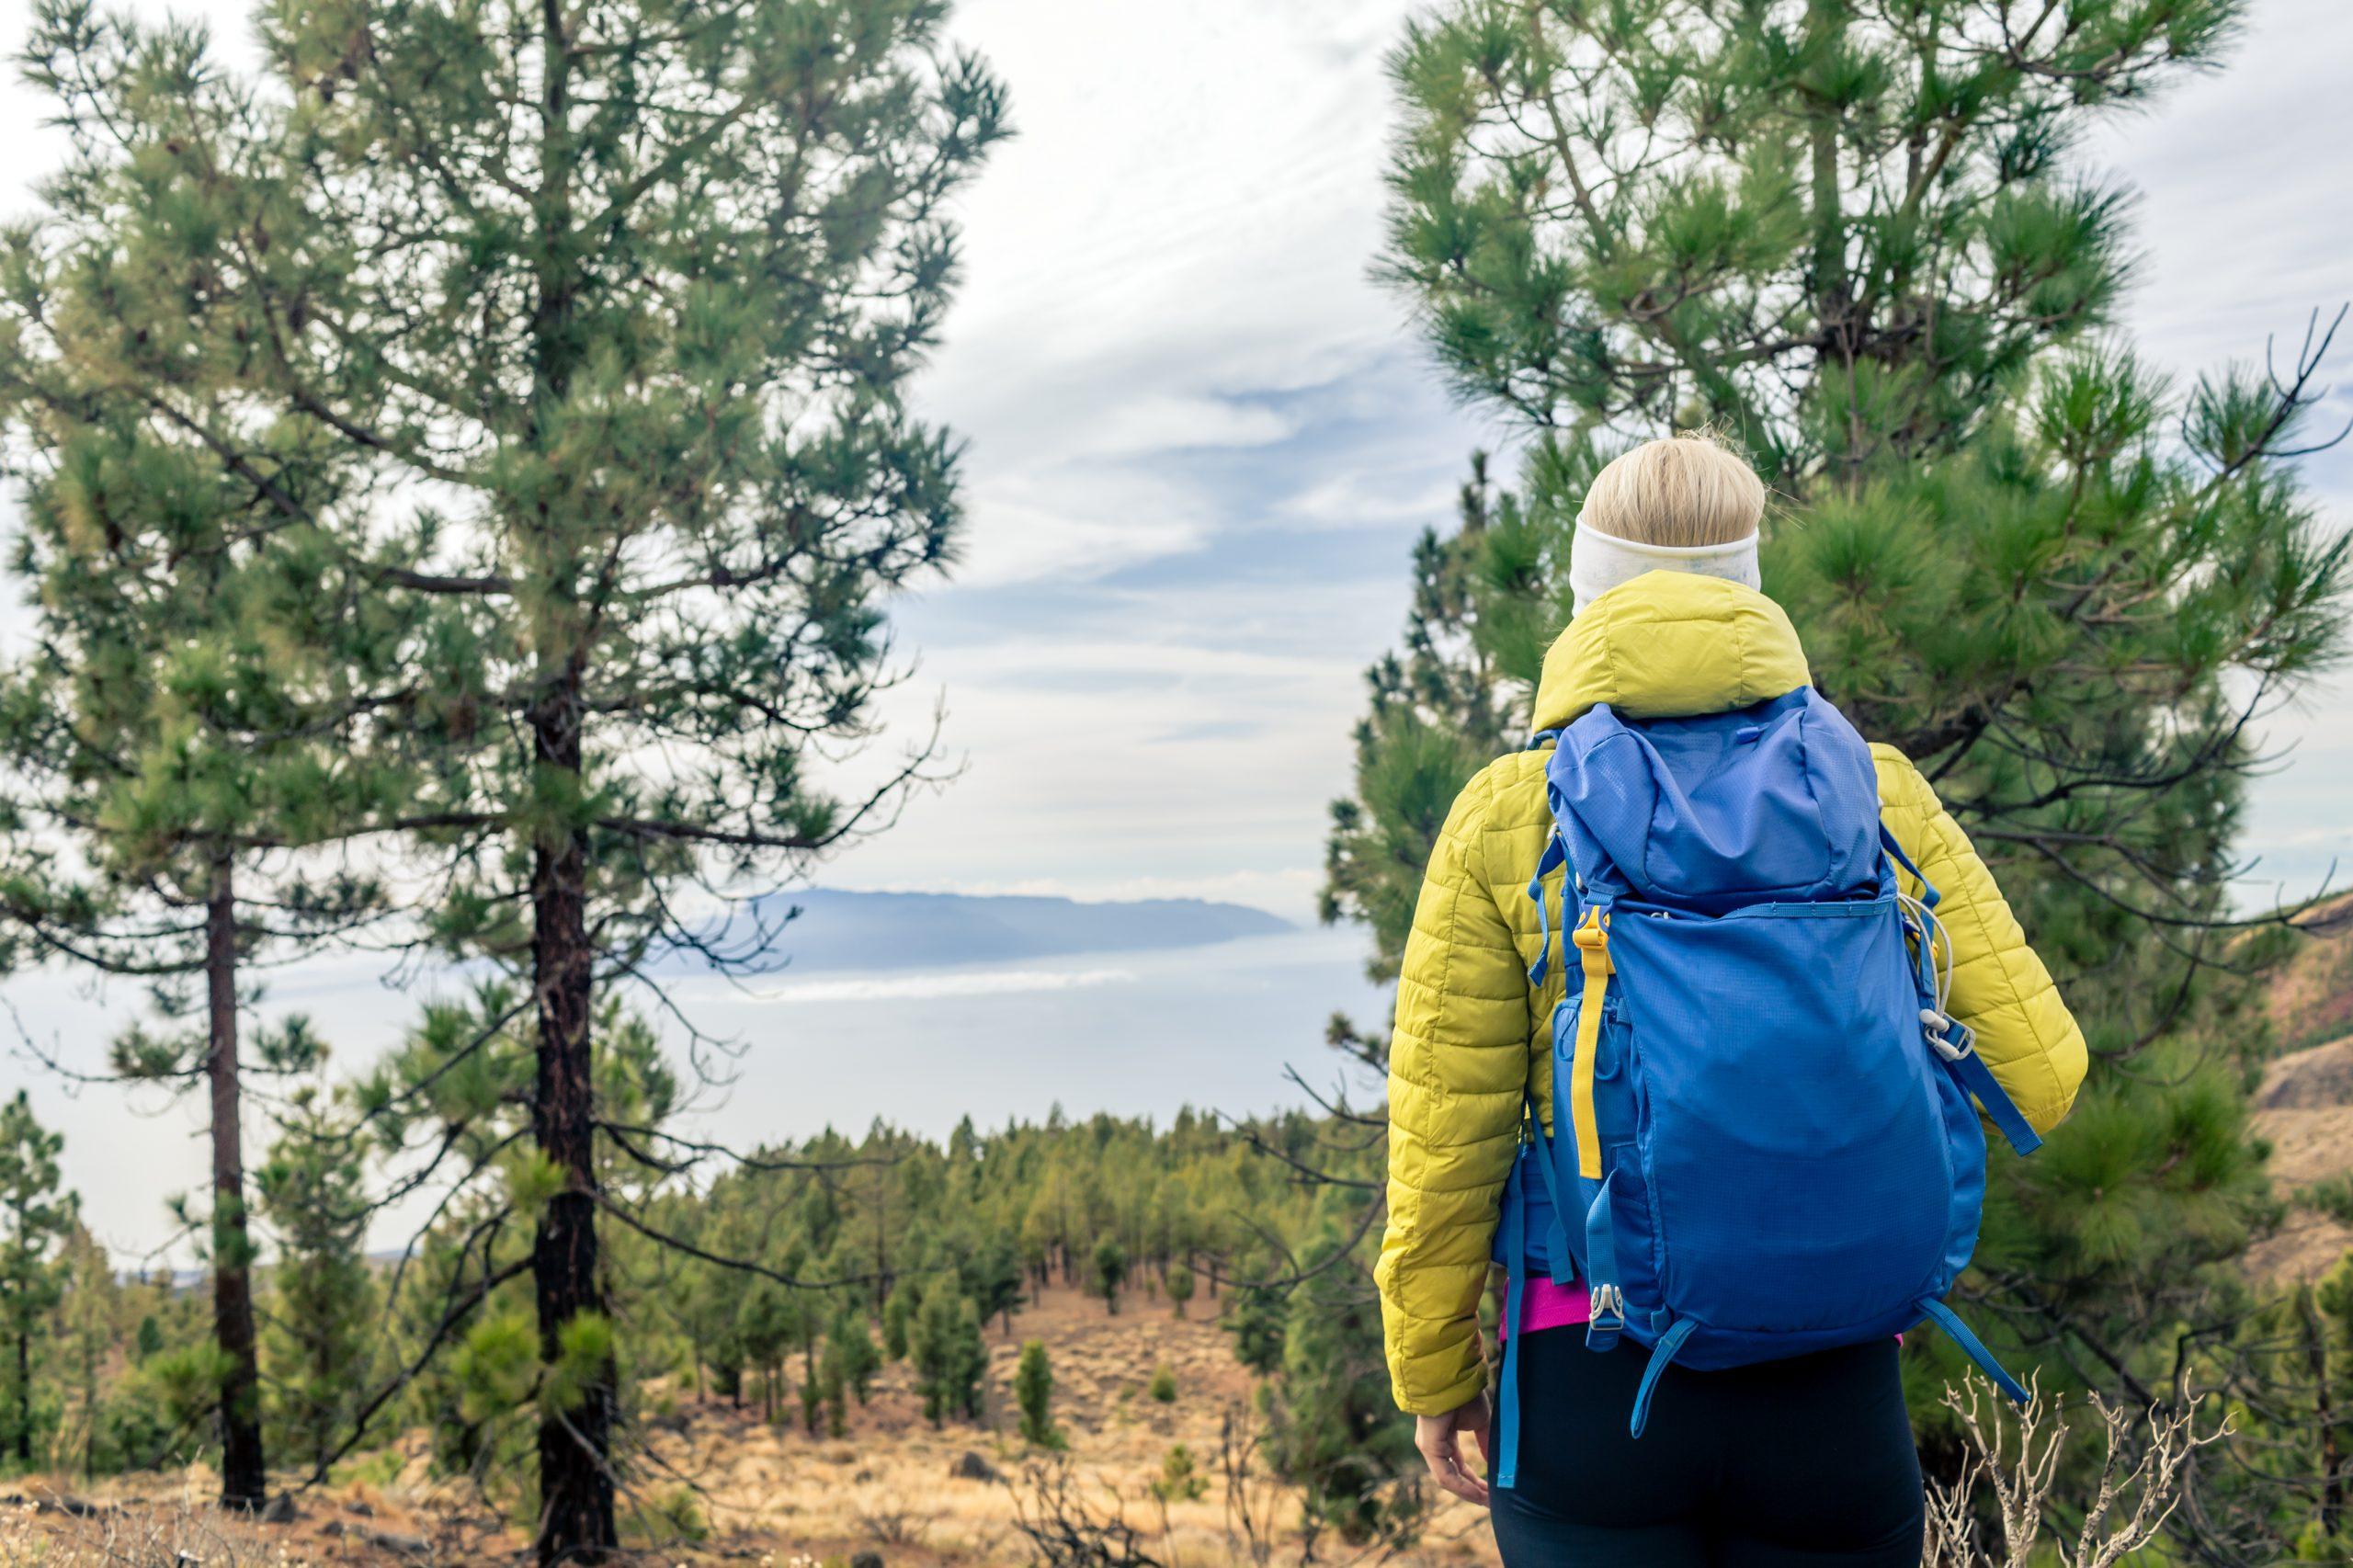 La Gomera, destino de excelencia de Turismo Activo 2020, cierra el Ciclo de Conferencias de Activa Canarias